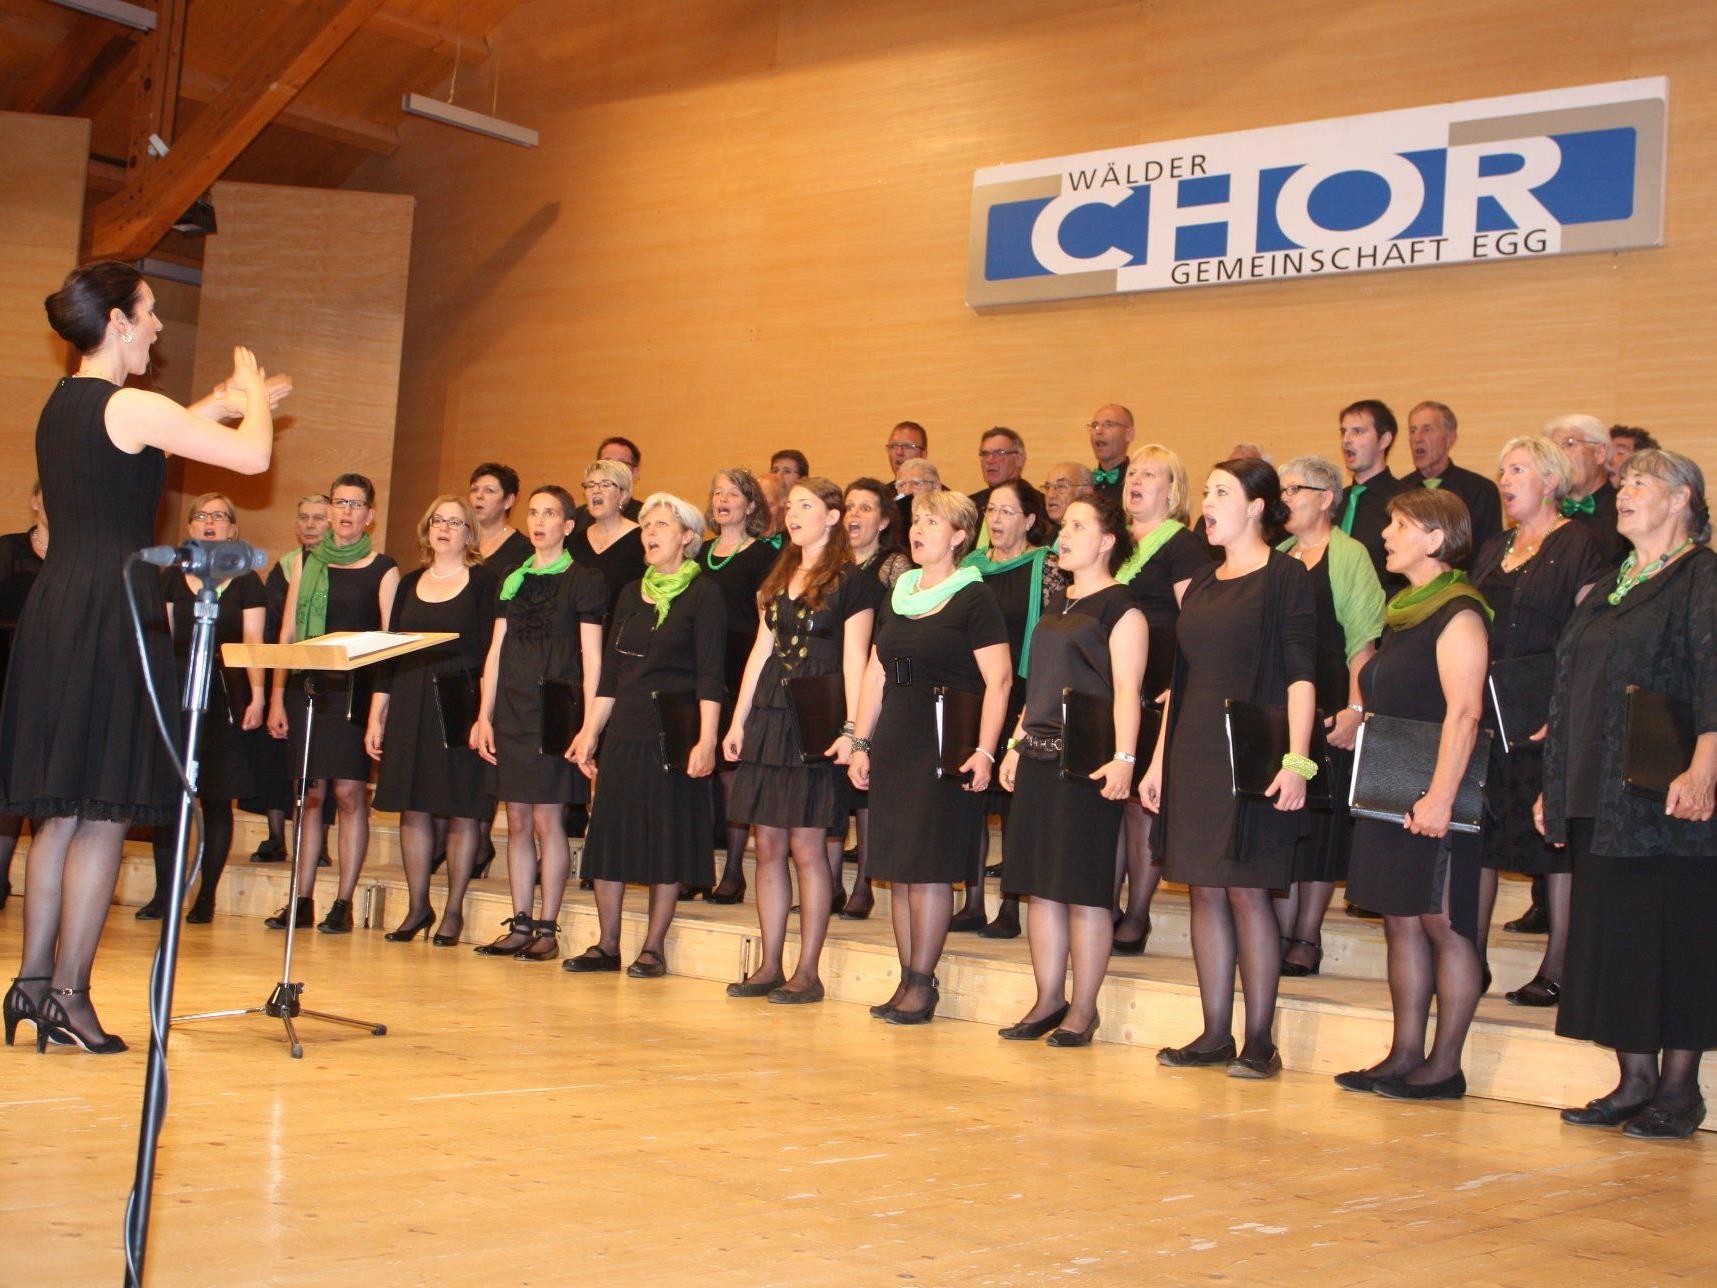 Die Wälder Chorgemeinschaft bot beim Pfingstkonzert Chorgesang vom Feinsten.